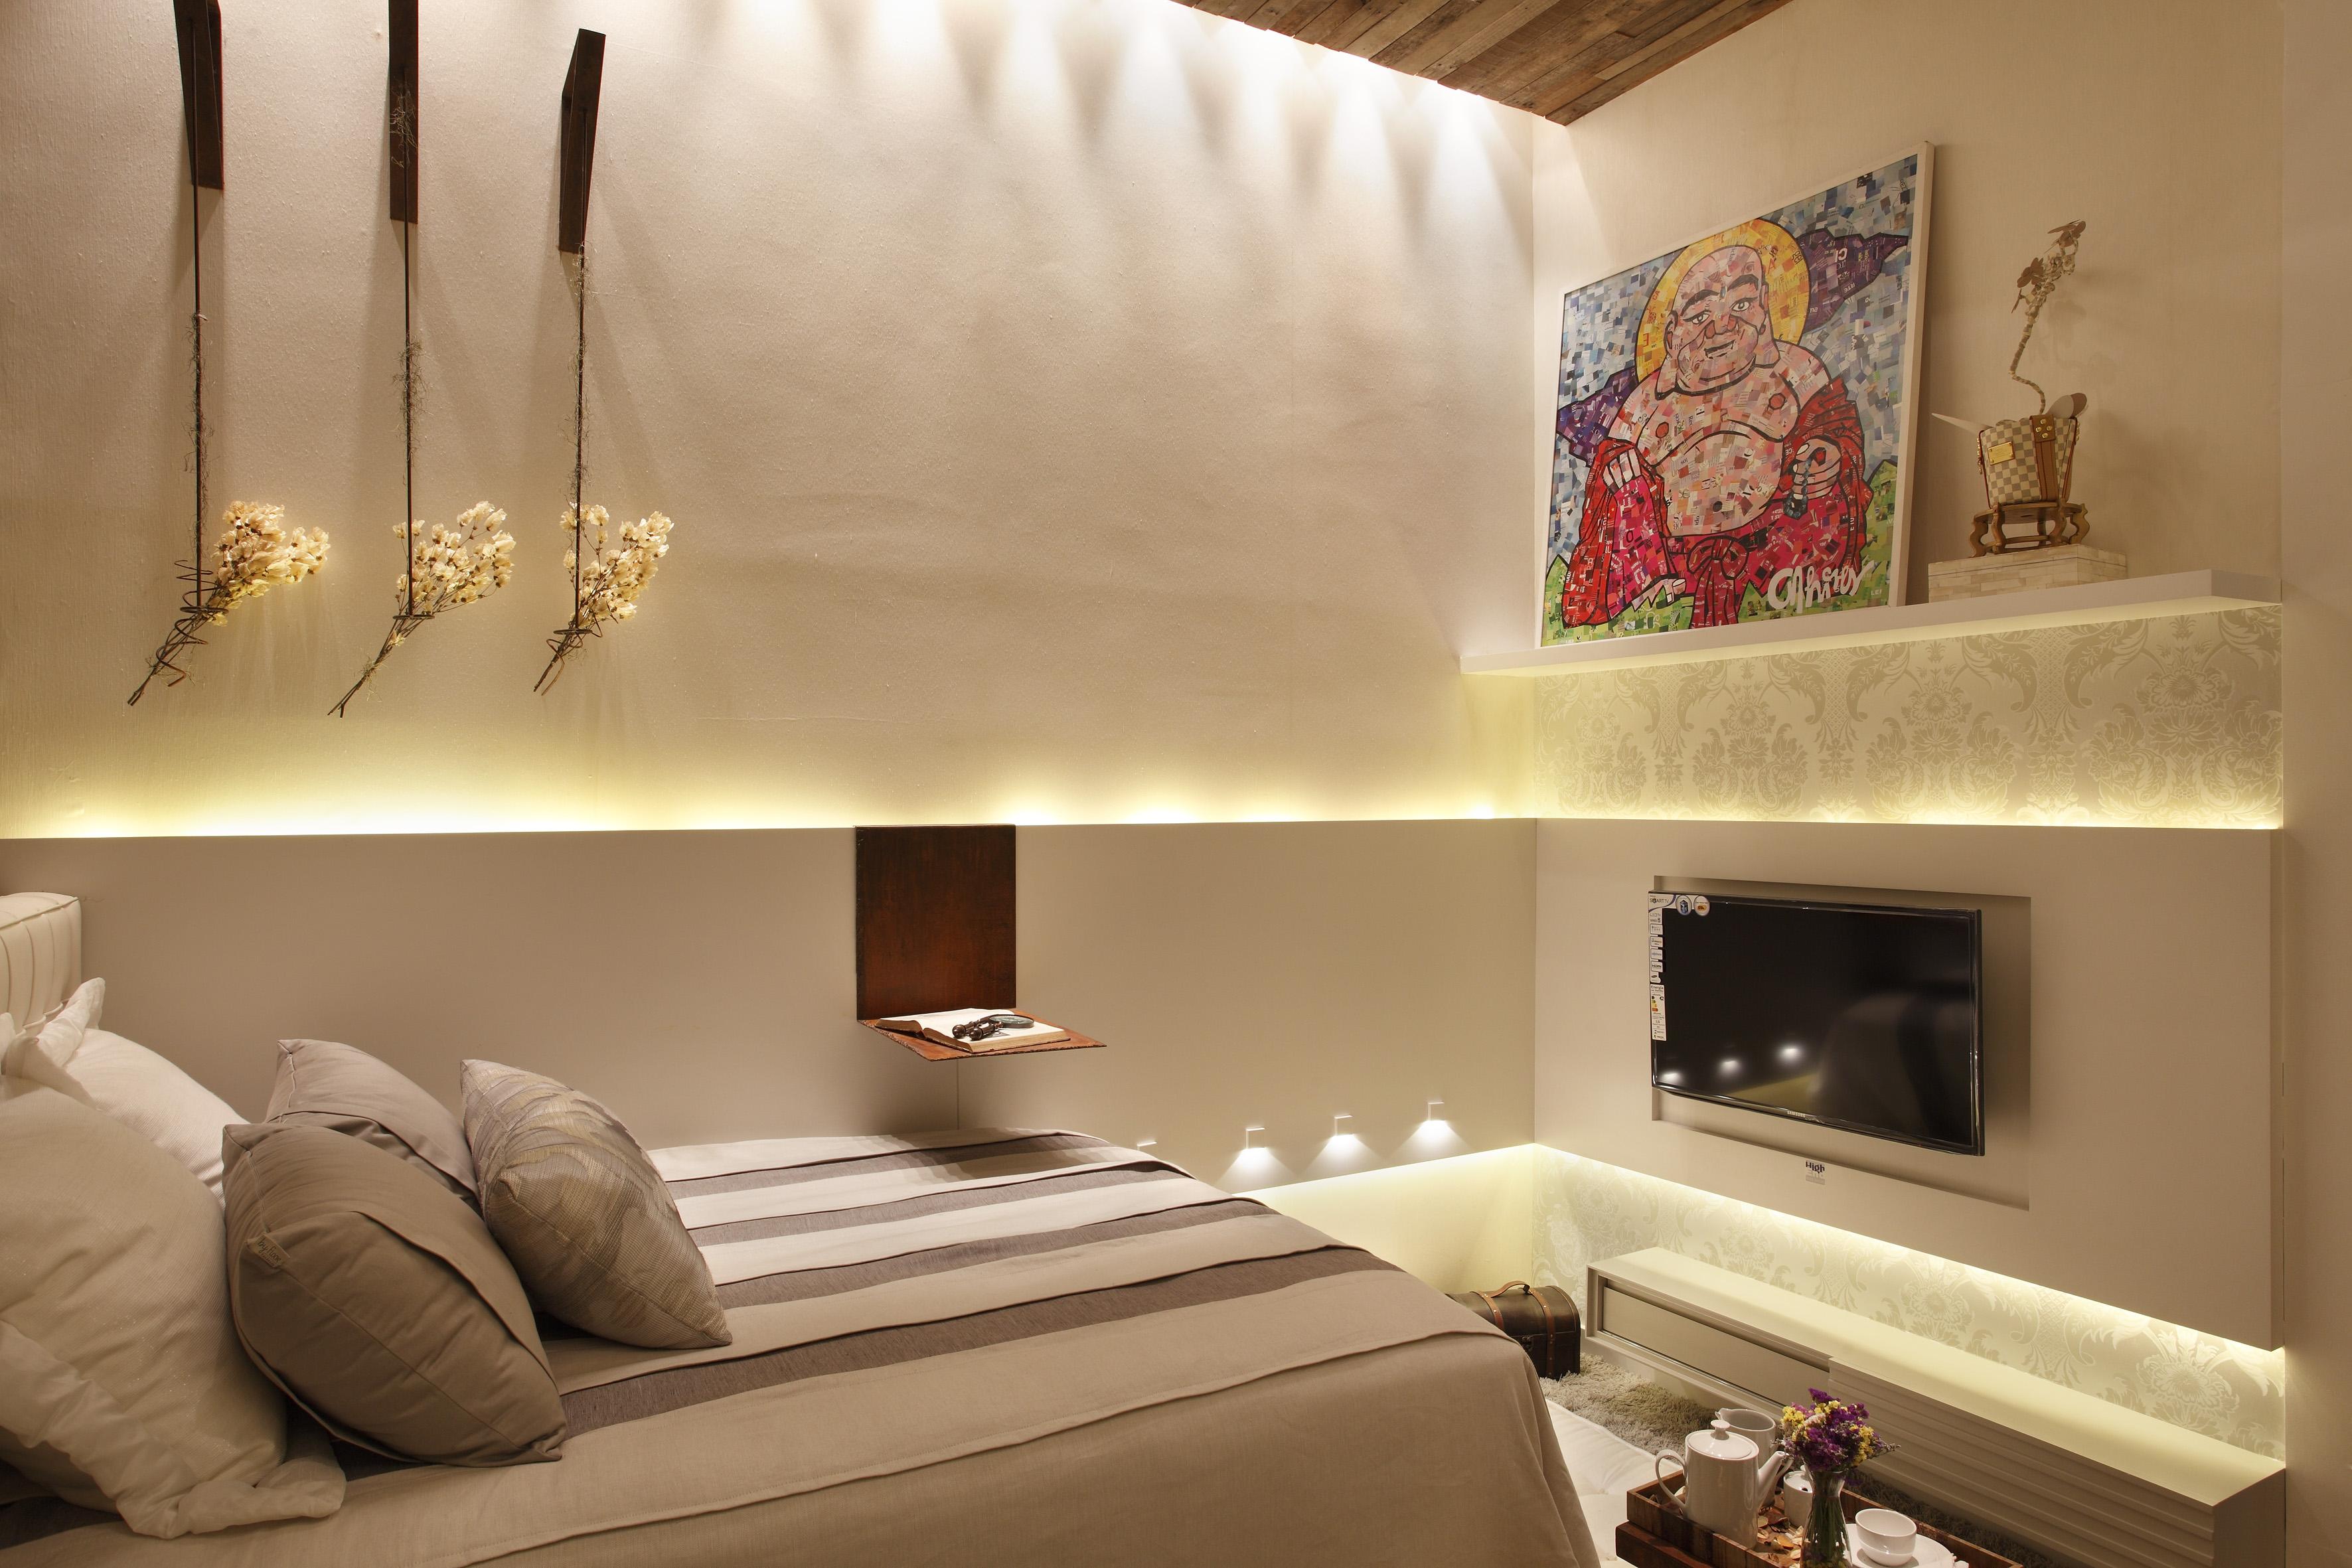 #993432 menina casa cor rio 2012 papel de parede na decoraçao painel para tv  3543x2362 píxeis em Decoração De Sala Com Tv Lcd Na Parede